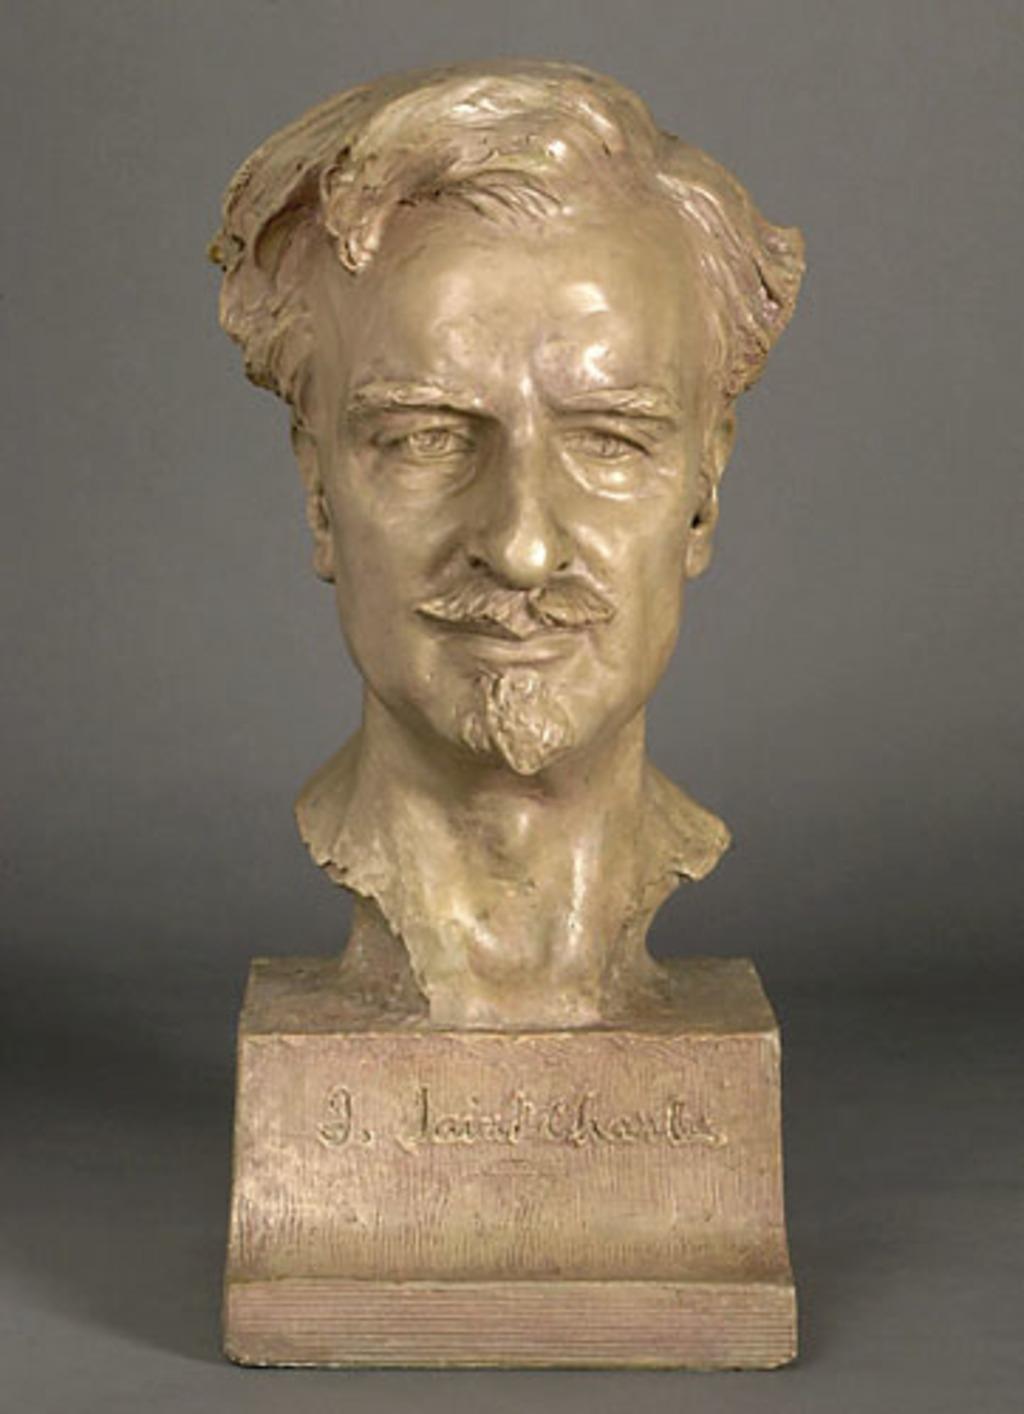 Joseph Saint-Charles